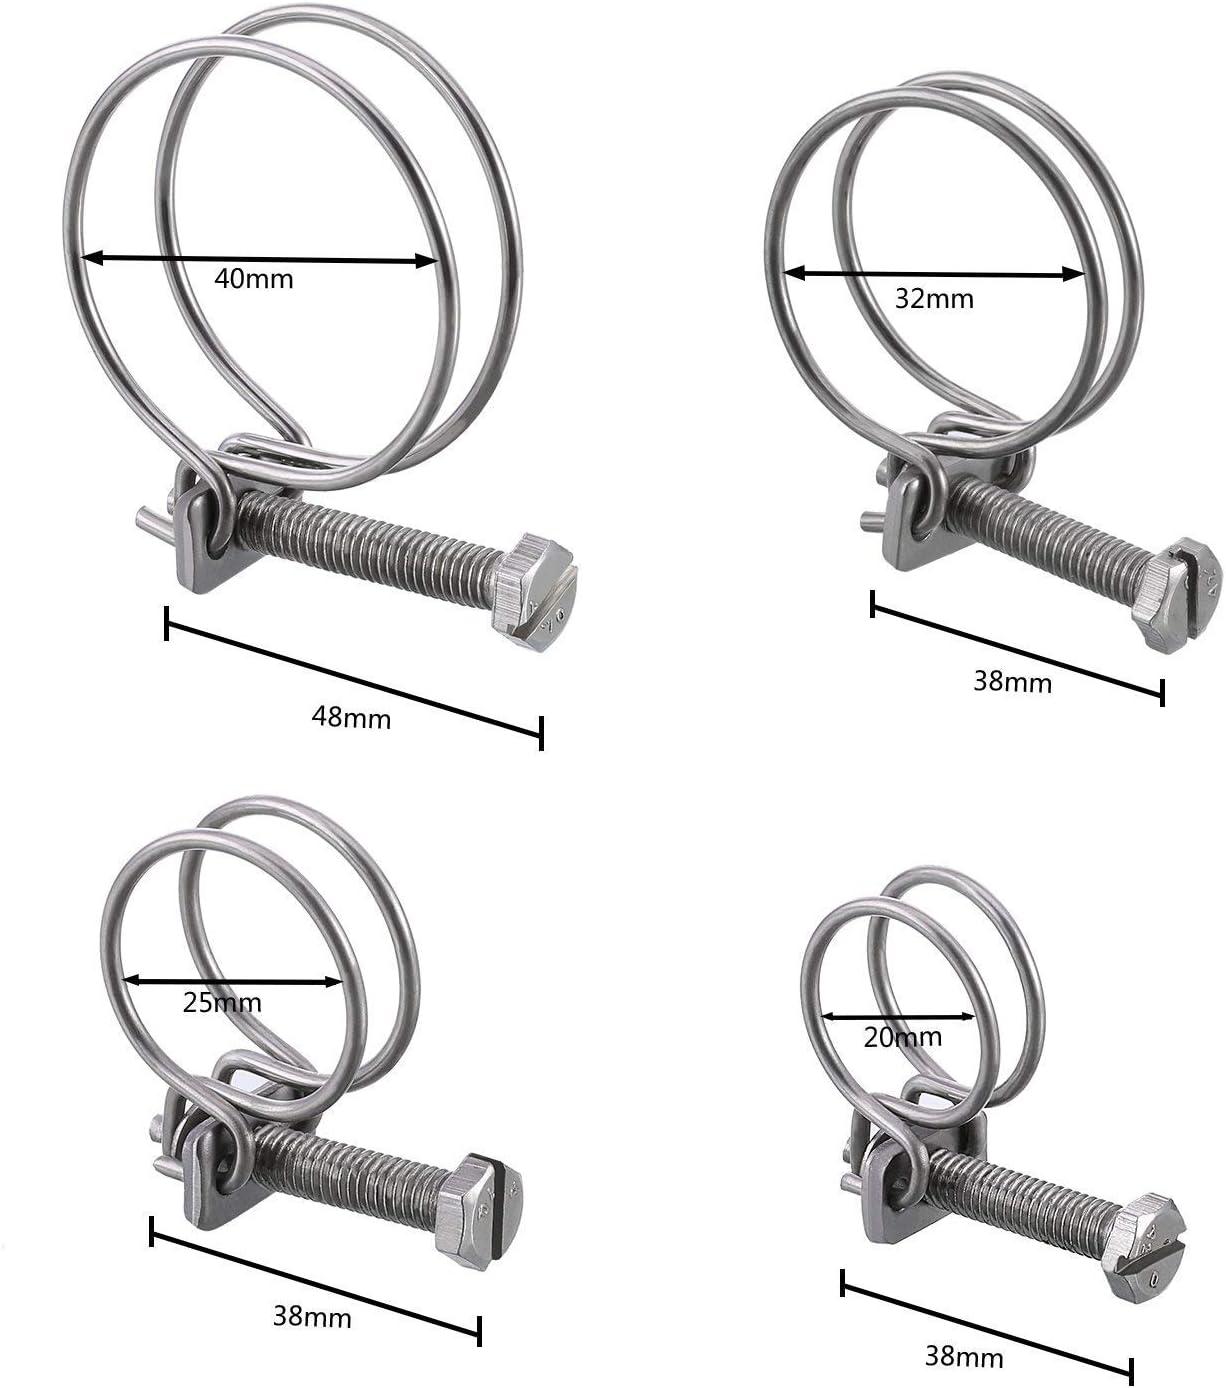 40 mm 25 mm Sunnysam Lot de 12 colliers de serrage double fil 4 tailles pour tuyaux de 20 mm 32 mm